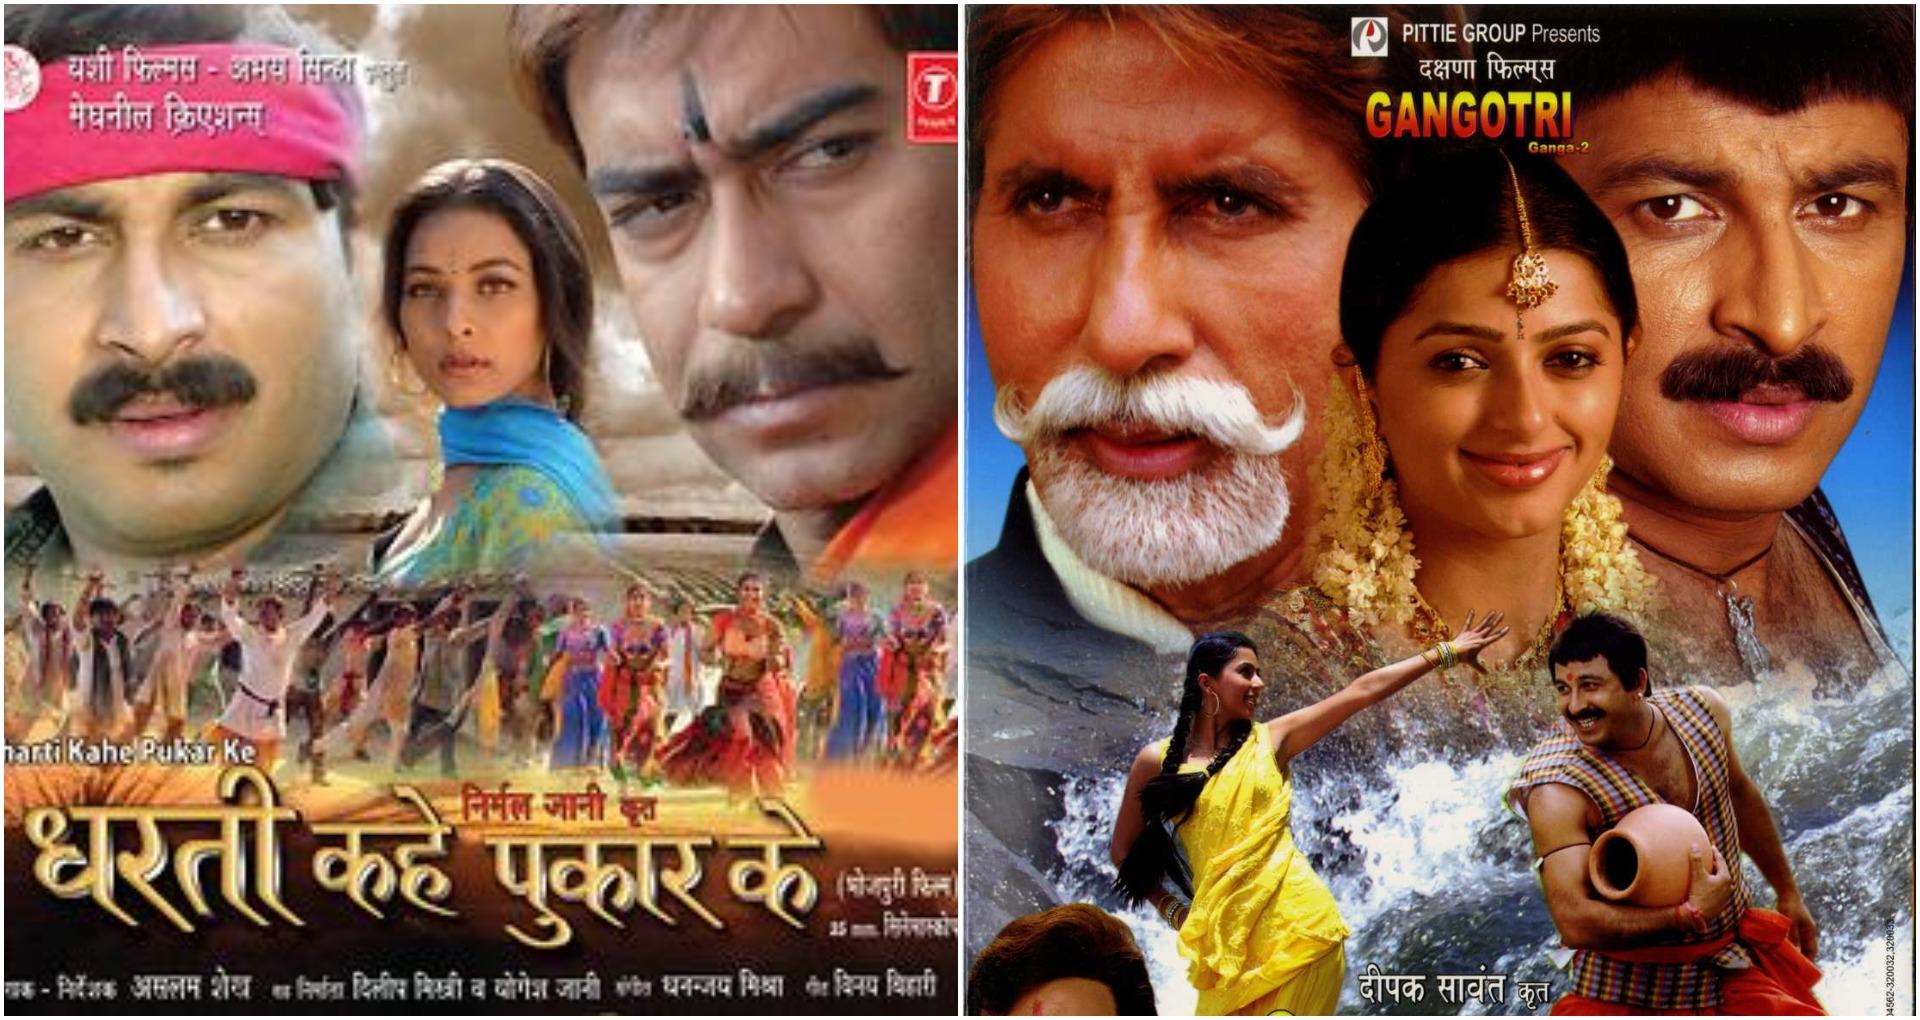 Manoj Tiwari Birthday: मनोज तिवारी की वो 6 बड़ी फ़िल्में जिनमे अजय देवगन से लेकर अमिताभ बच्चन तक ने किया काम